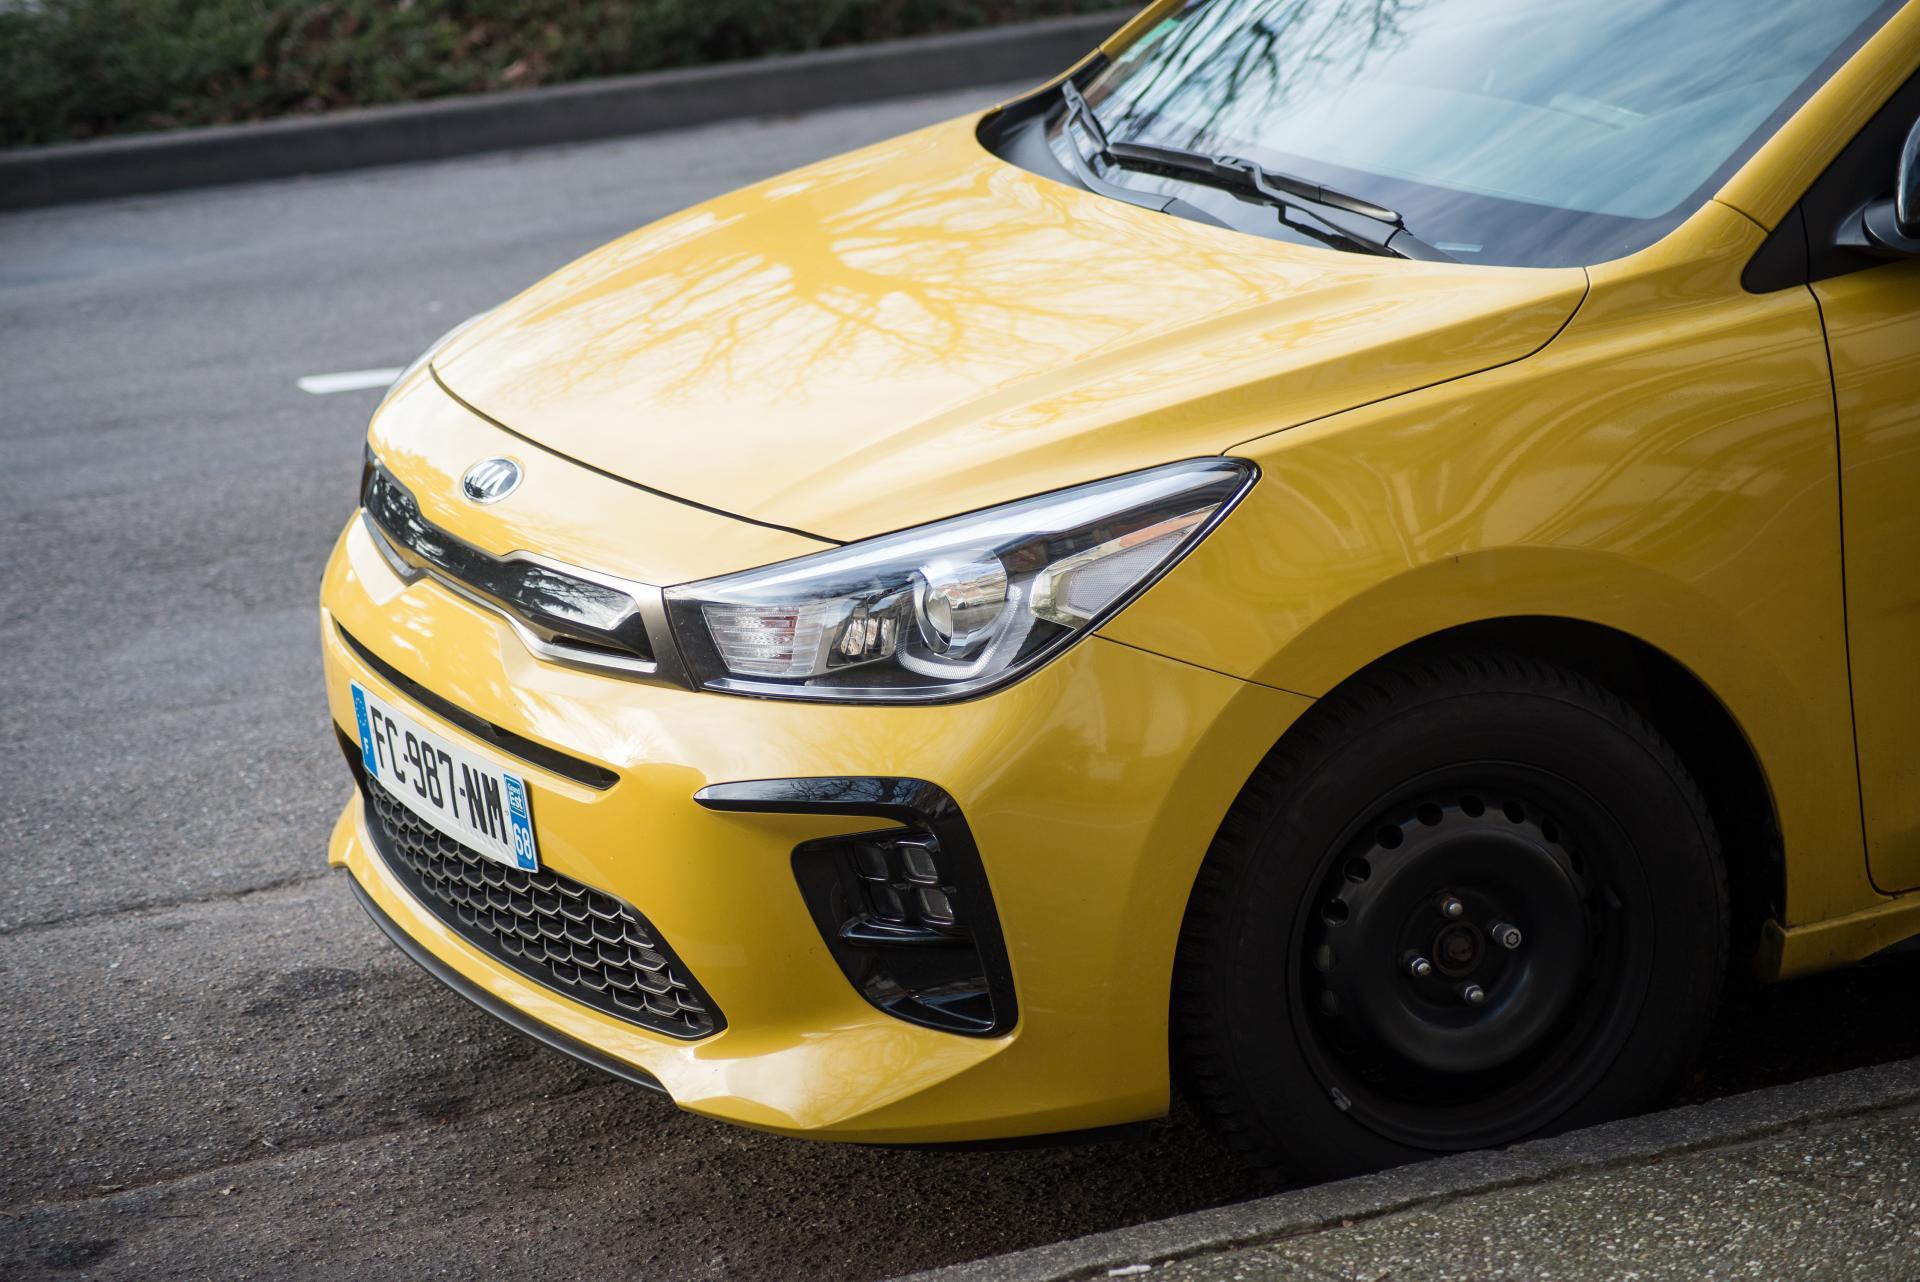 Kia plant ein kleines Elektroauto nach L7e-Kriterien